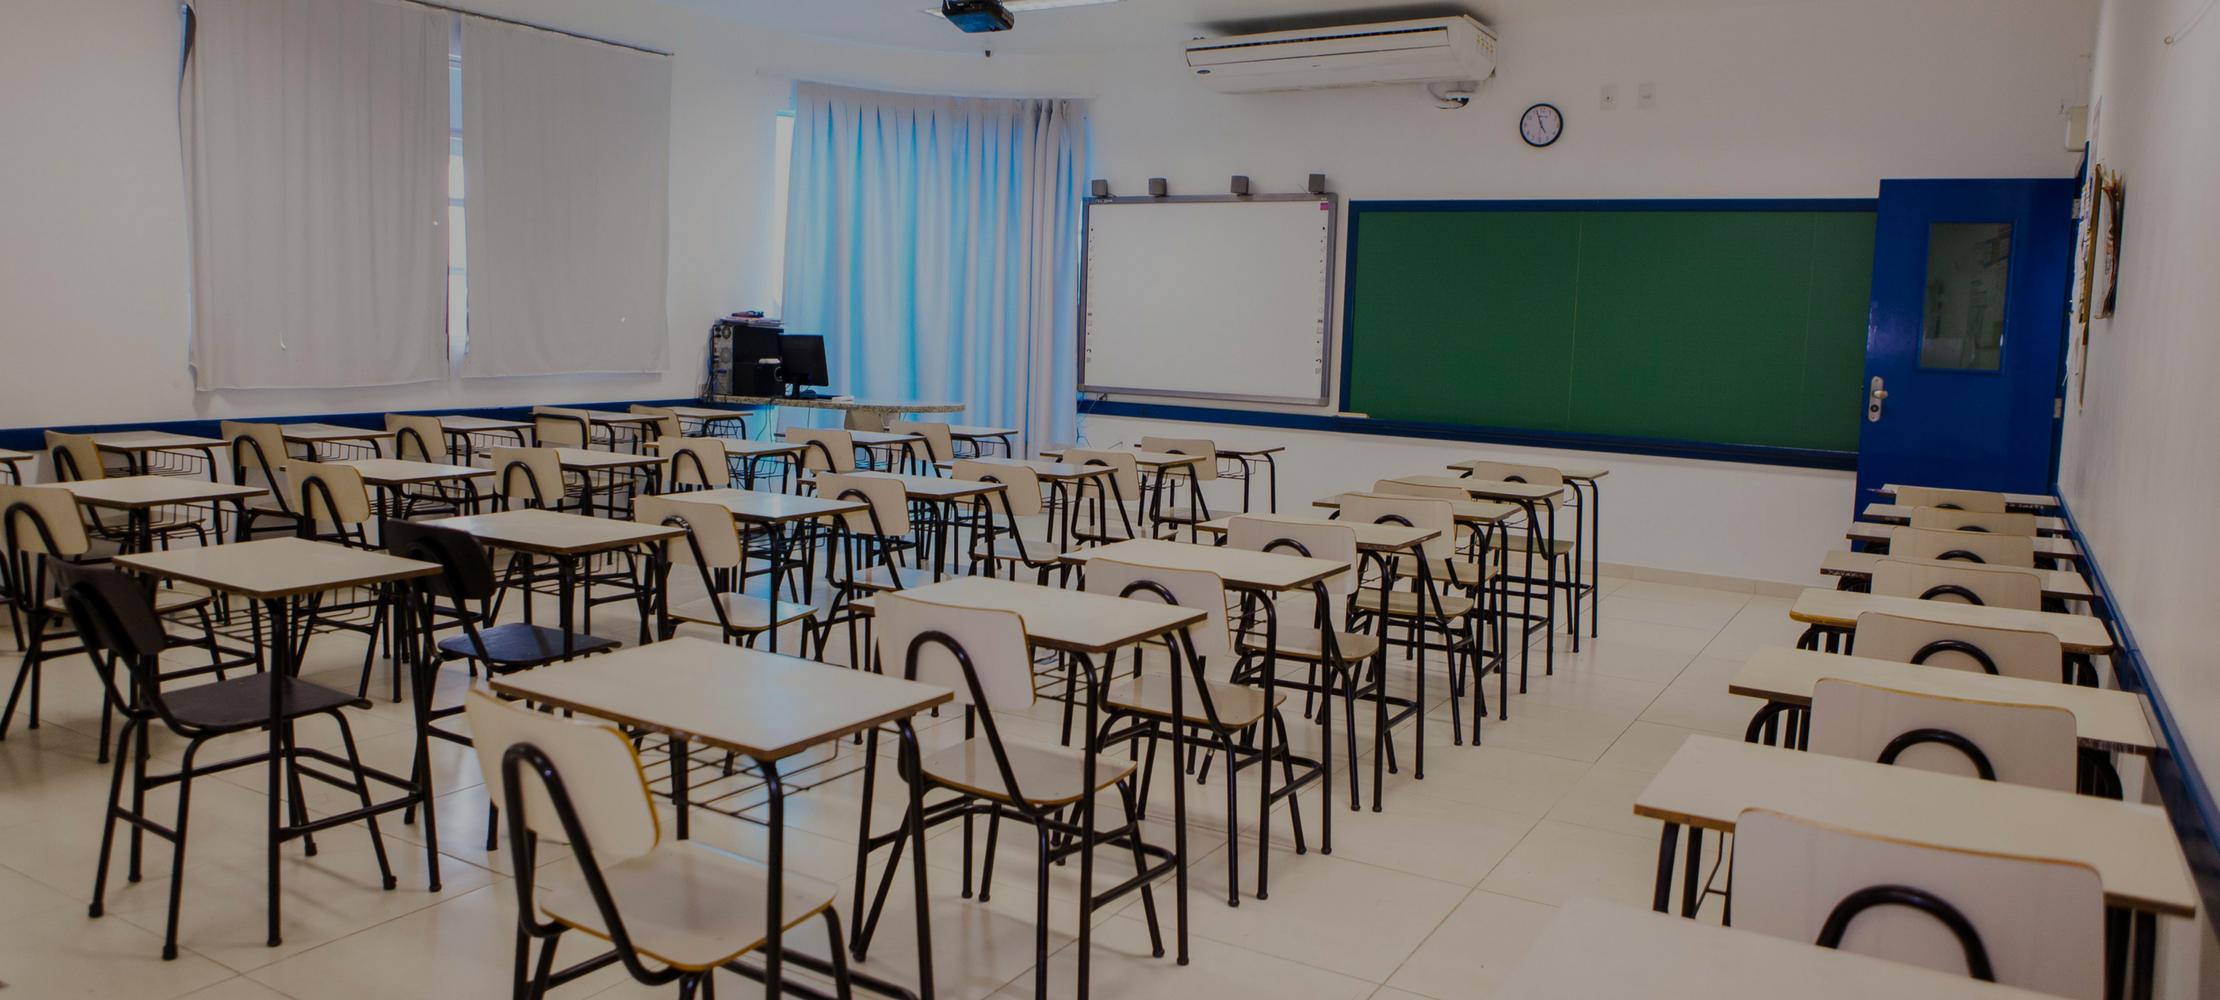 Salas de aula com lousa digital